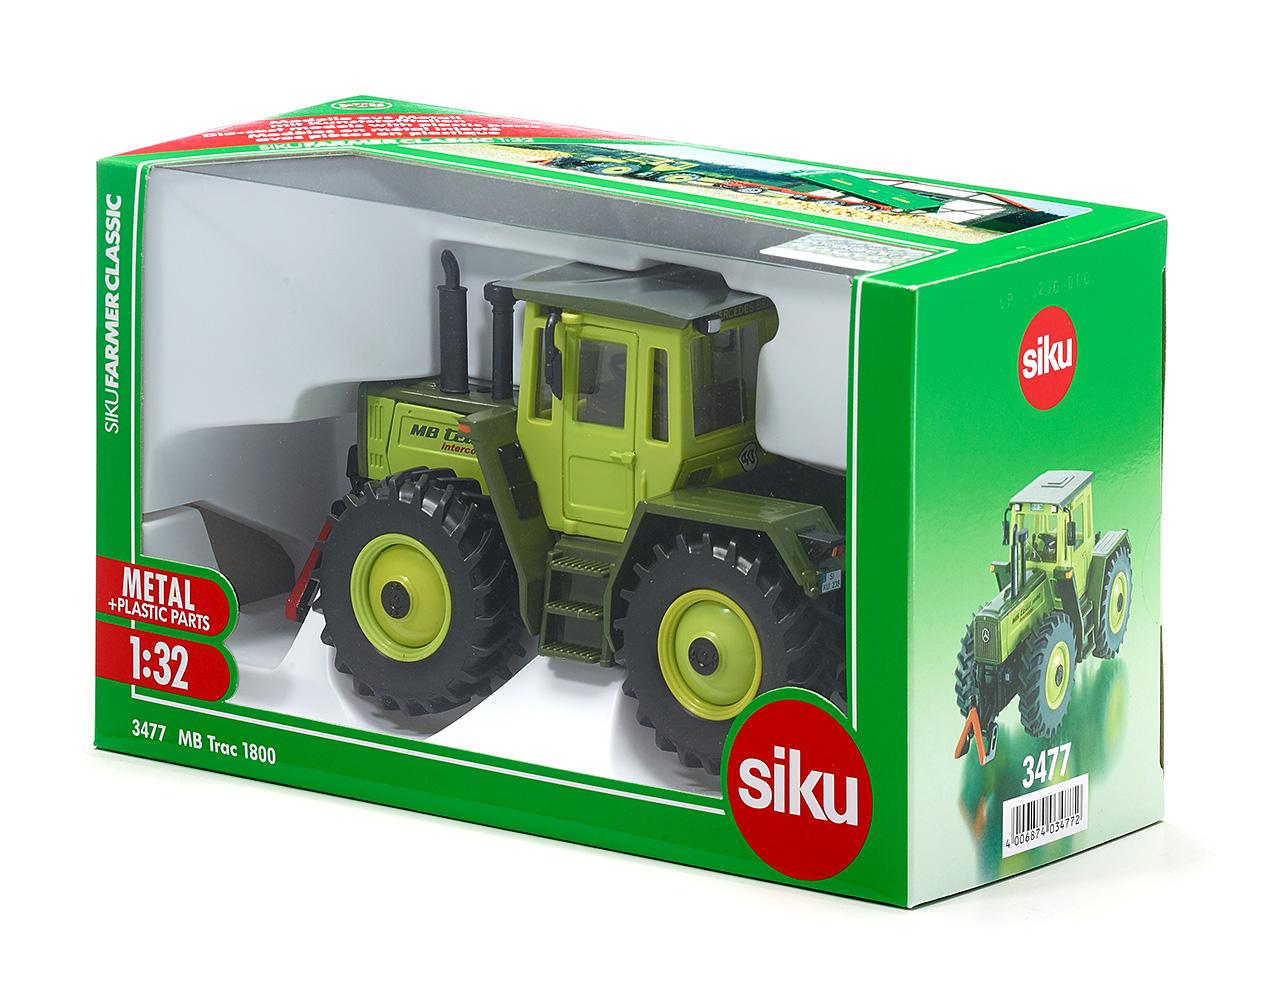 Siku 3477 MB Trac 1800 Intercooler 1/32